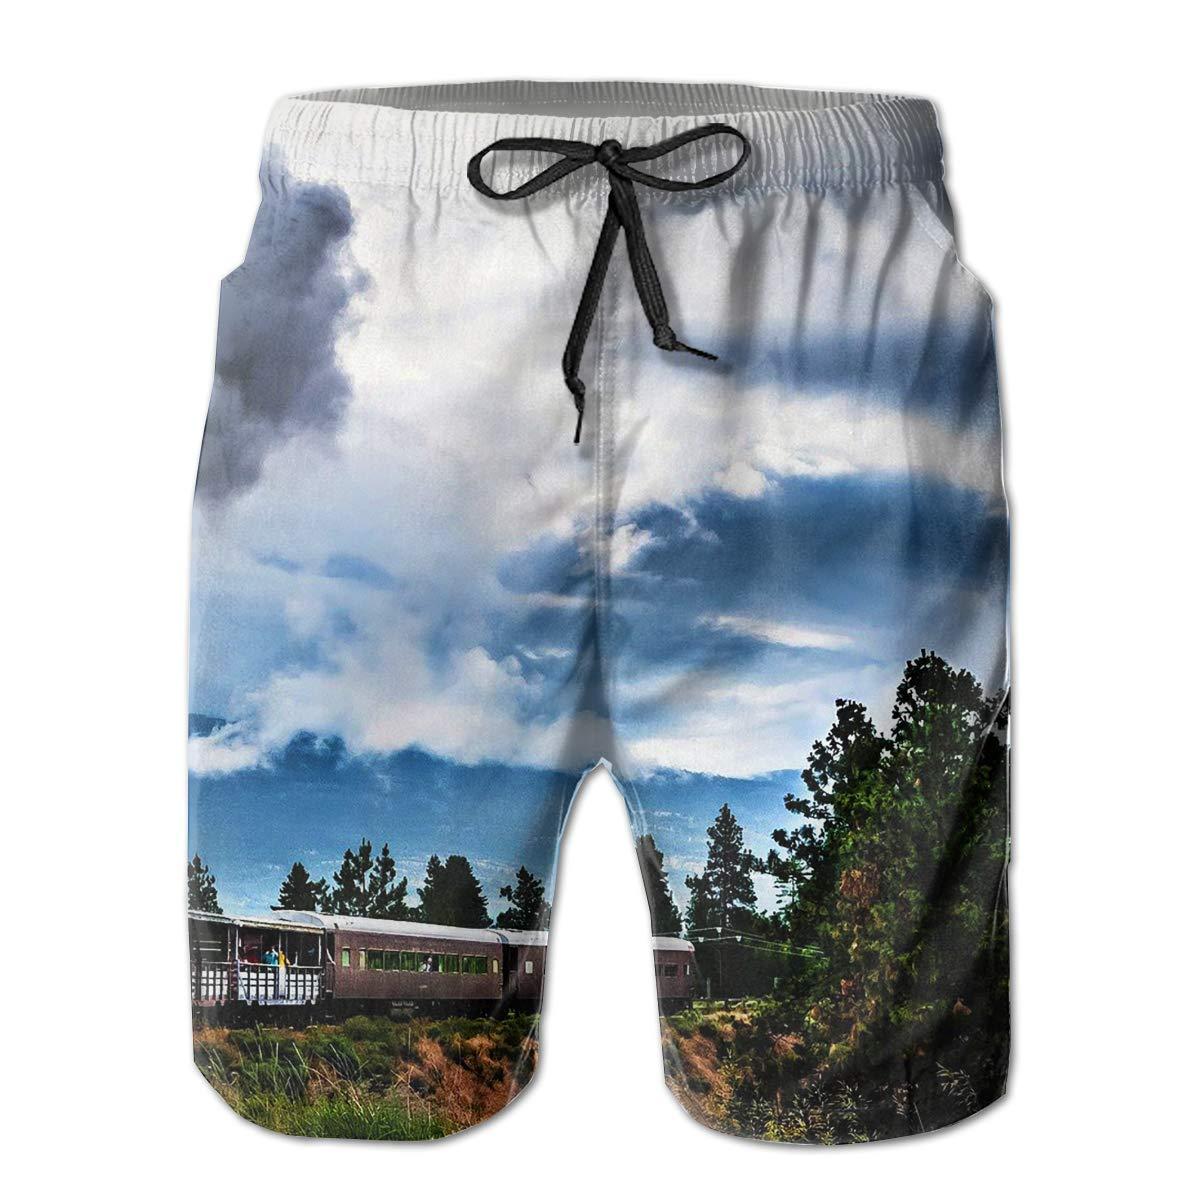 3882a91e1b White Mens Train Running Shorts Pockets Swim Trunks Trunks Trunks Beach  Shorts,Boardshort 75c5a0